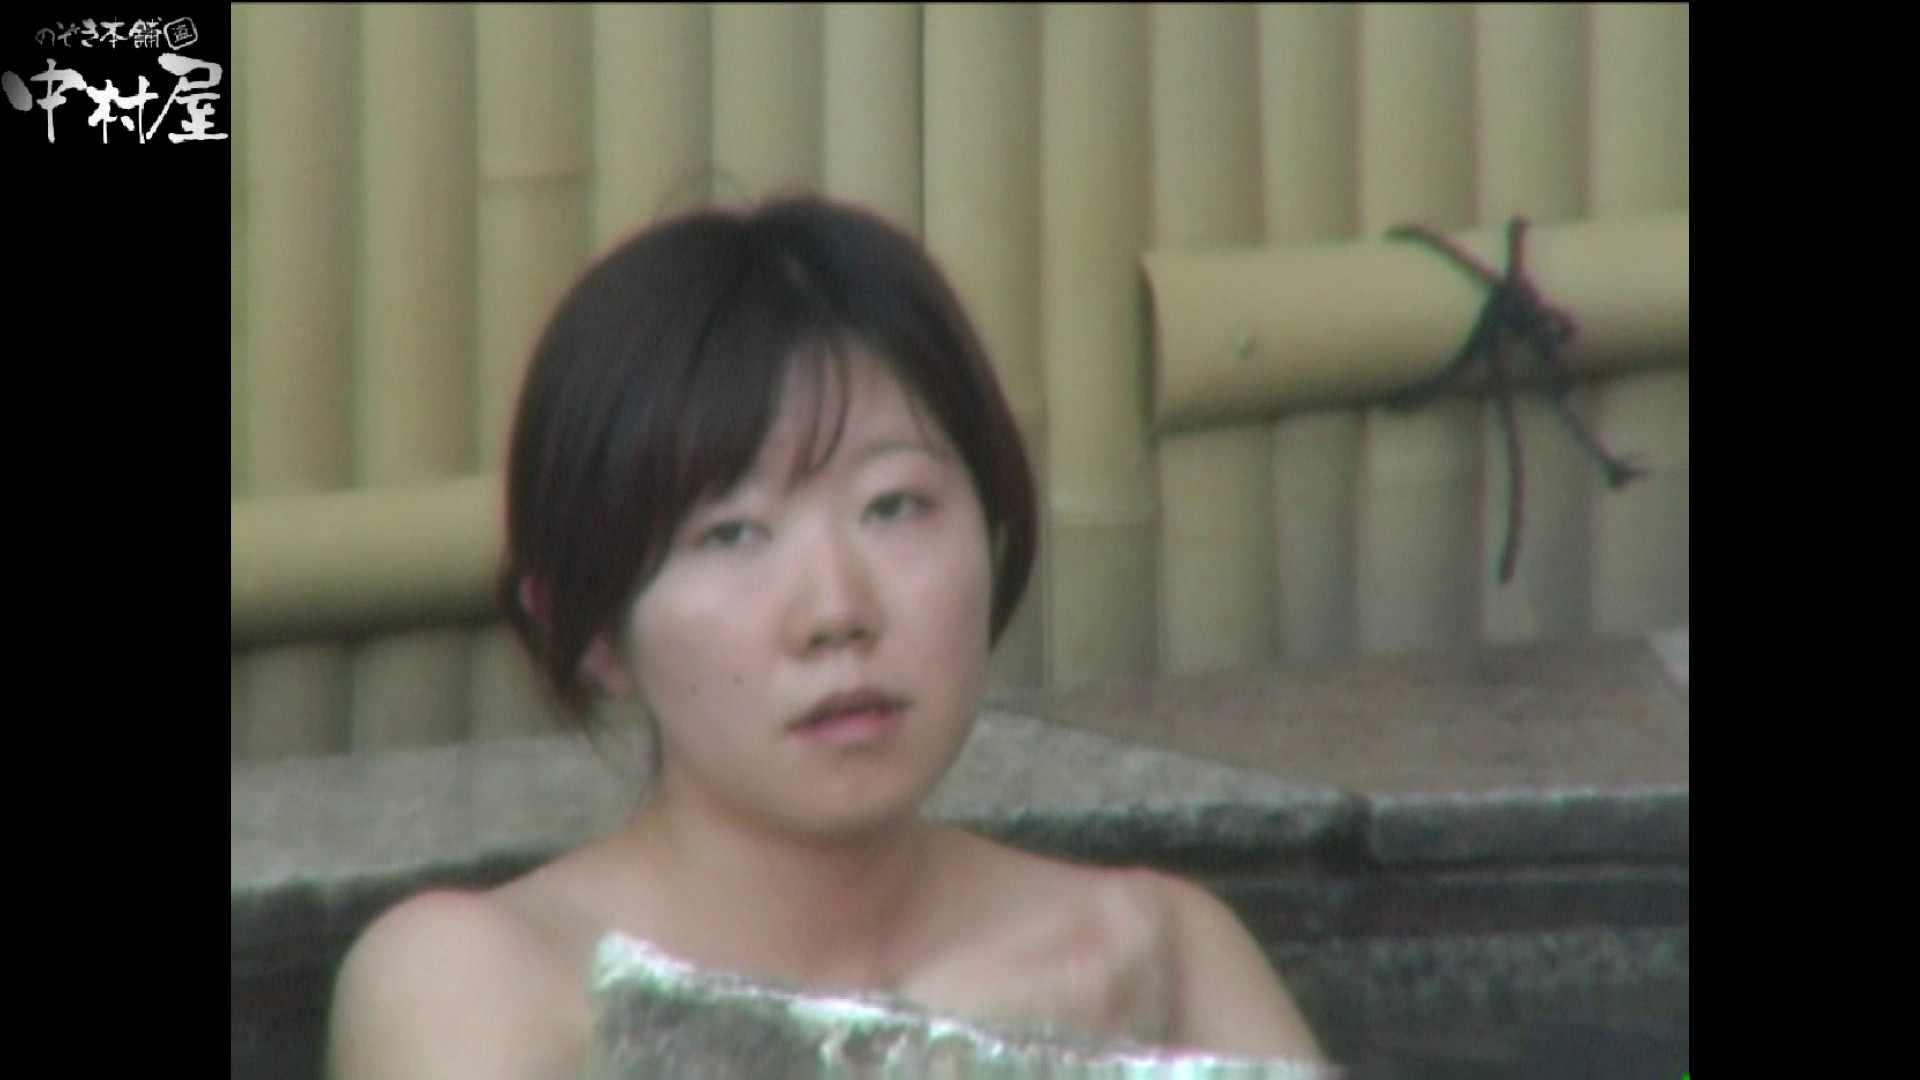 Aquaな露天風呂Vol.977 美しいOLの裸体 ヌード画像 83pic 17